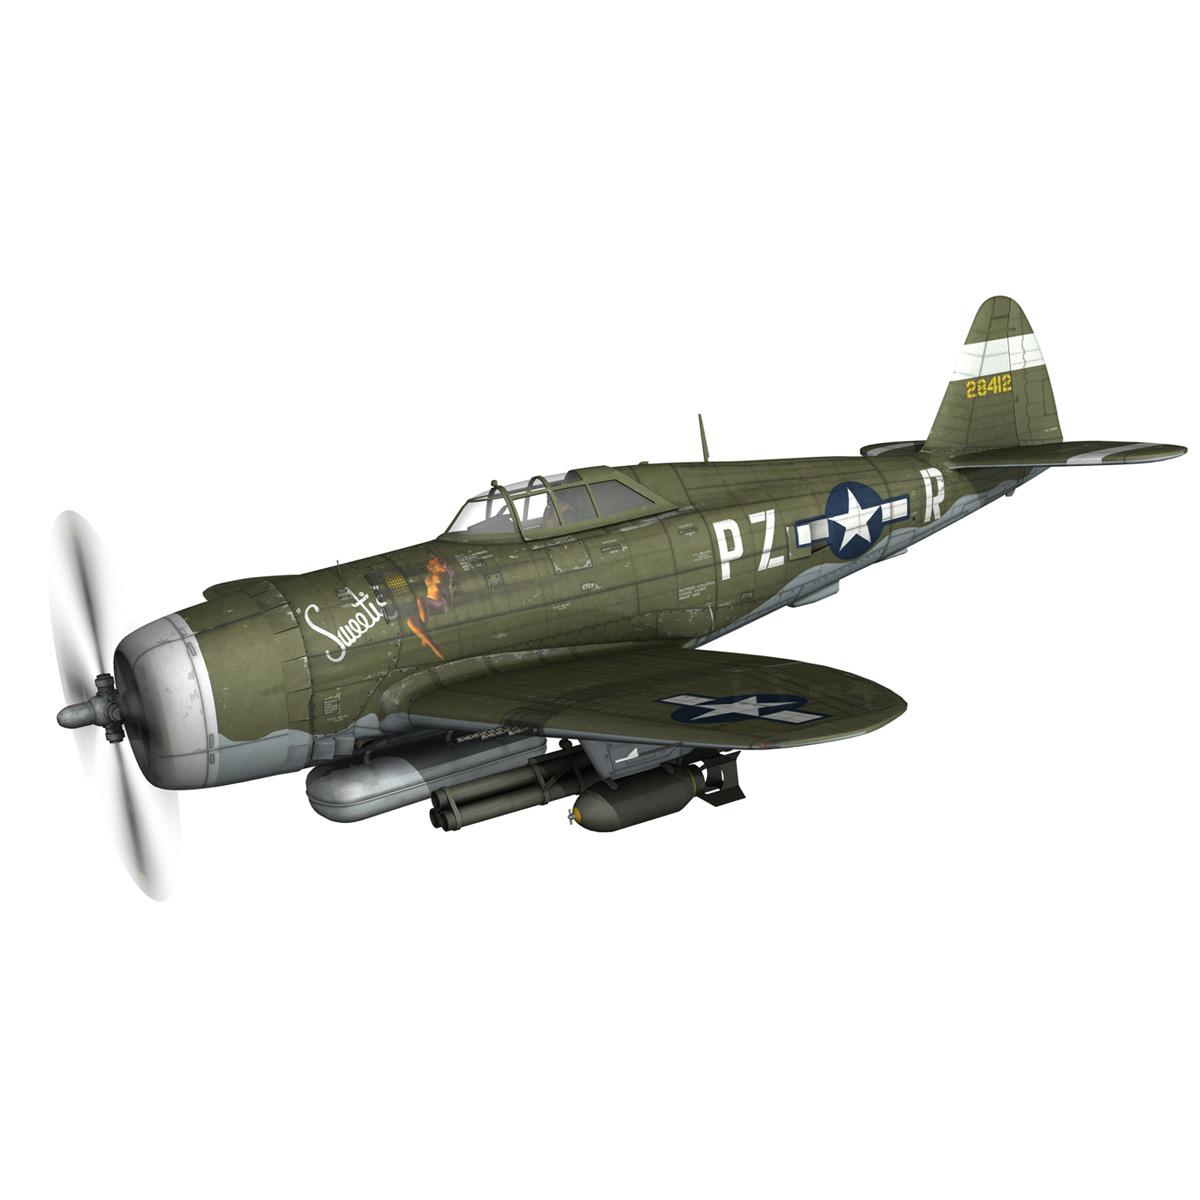 republic p-47d thunderbolt – sweetie – pz-r 3d model 3ds fbx c4d lwo obj 281832